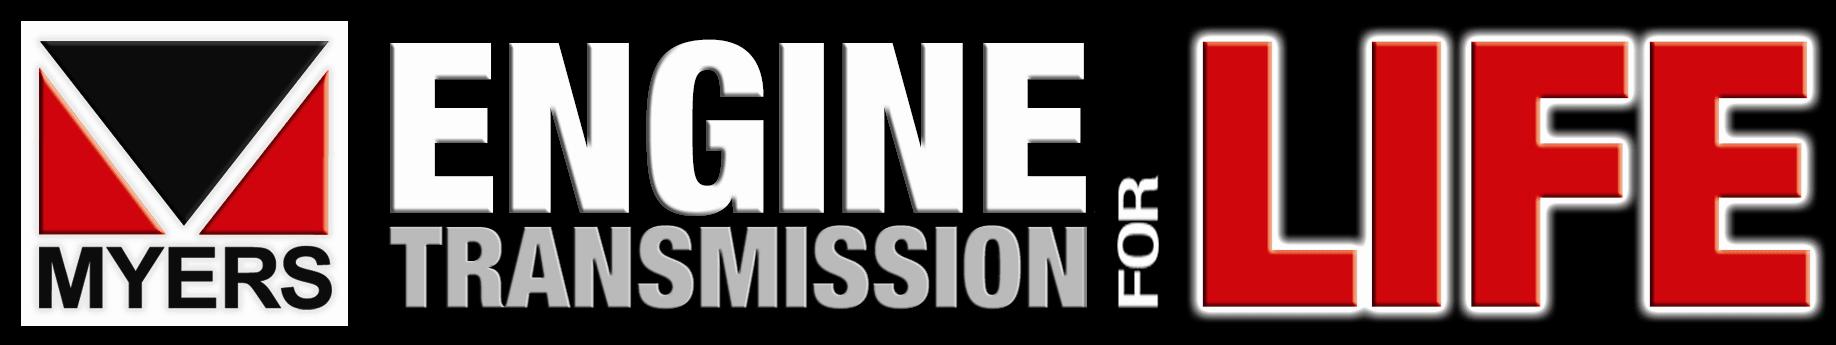 Engine Transmission for life.PNG